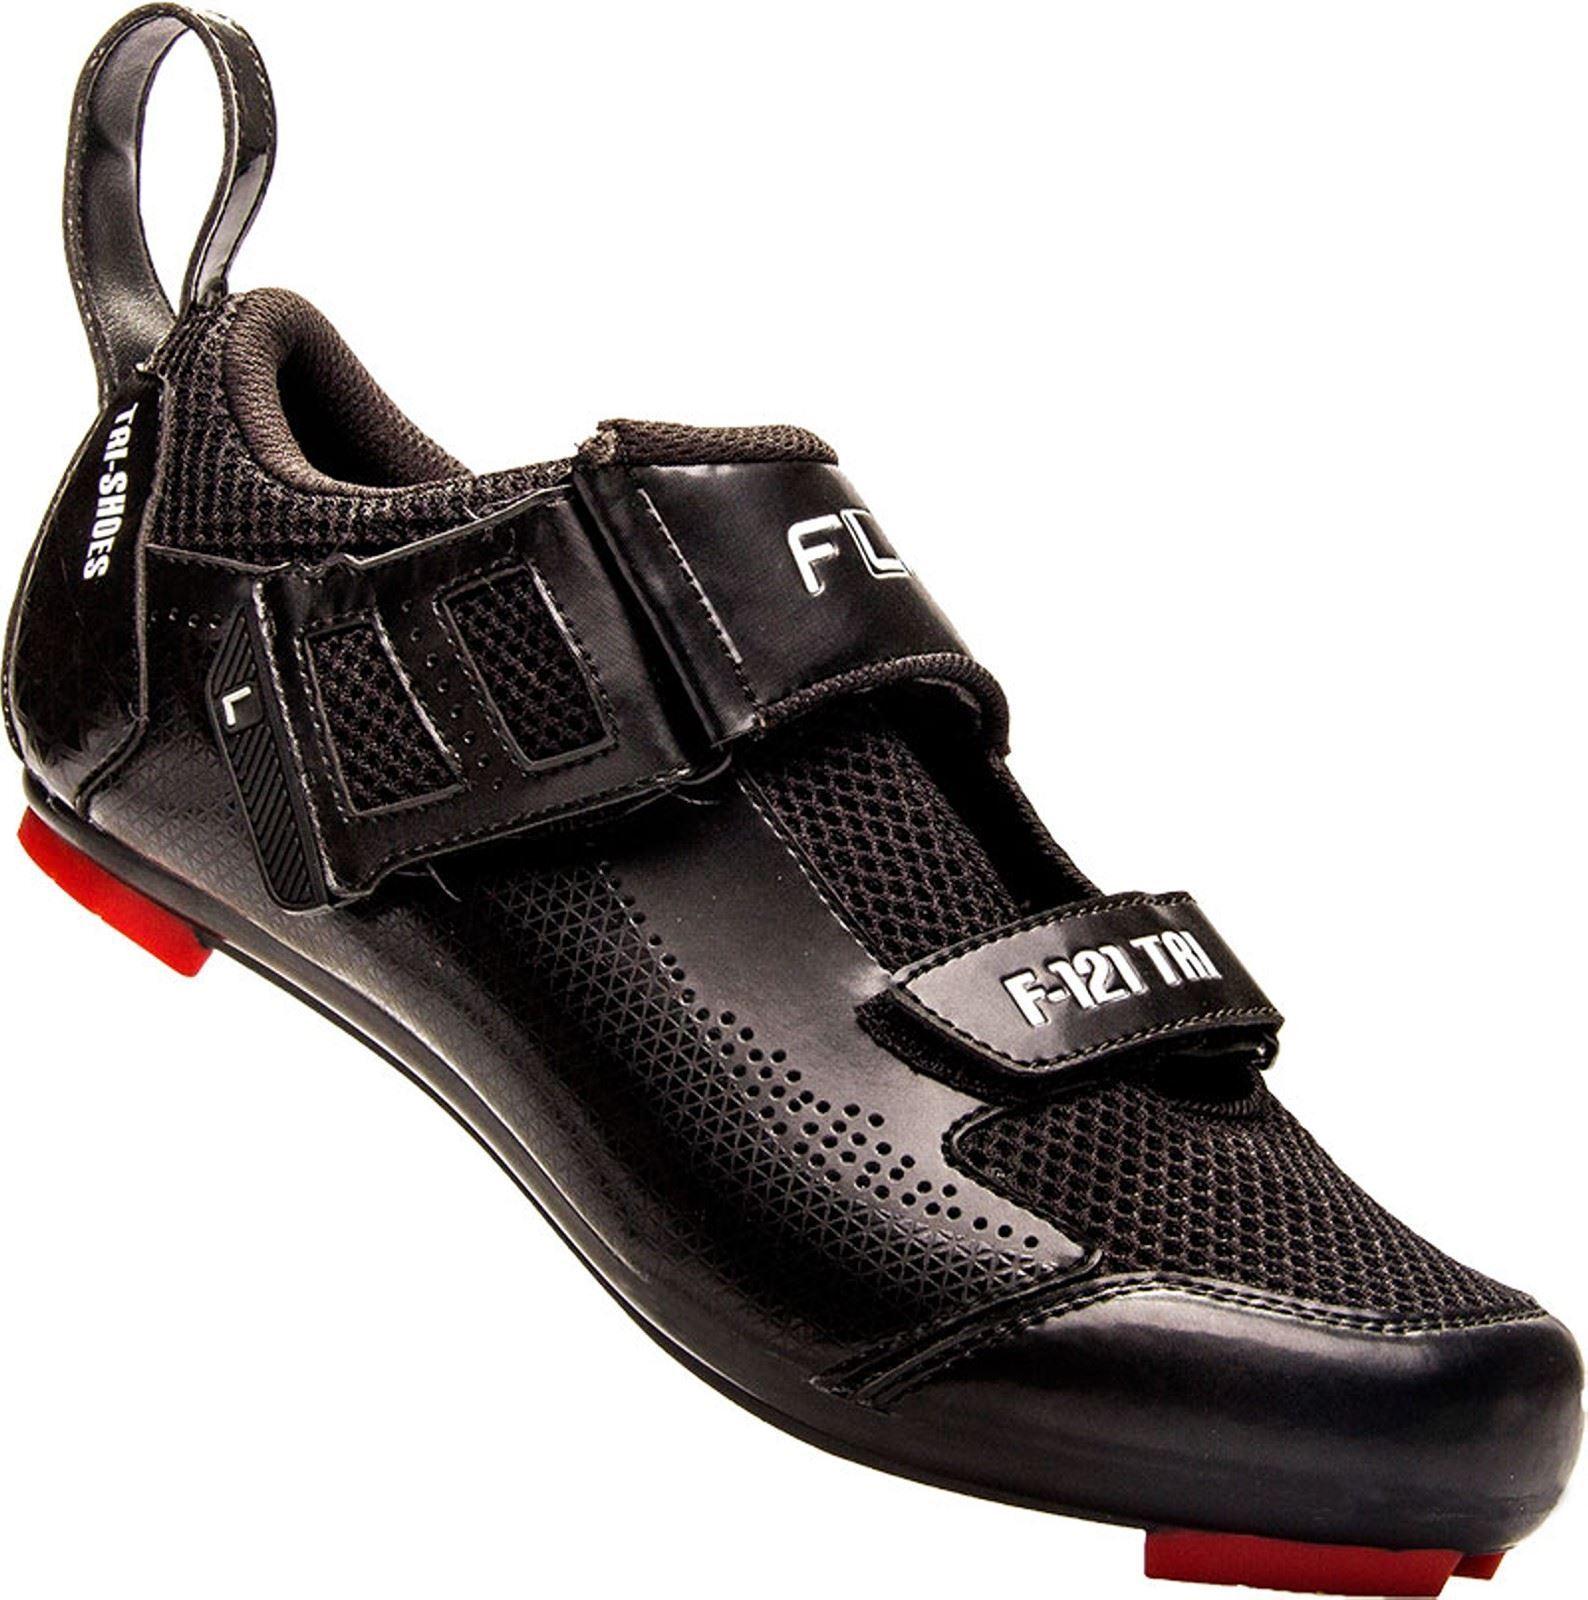 Flr F121 Triathlon Scarpe in Nero  Dimensione 46 Mountain e Bici da Strada Ciclismo